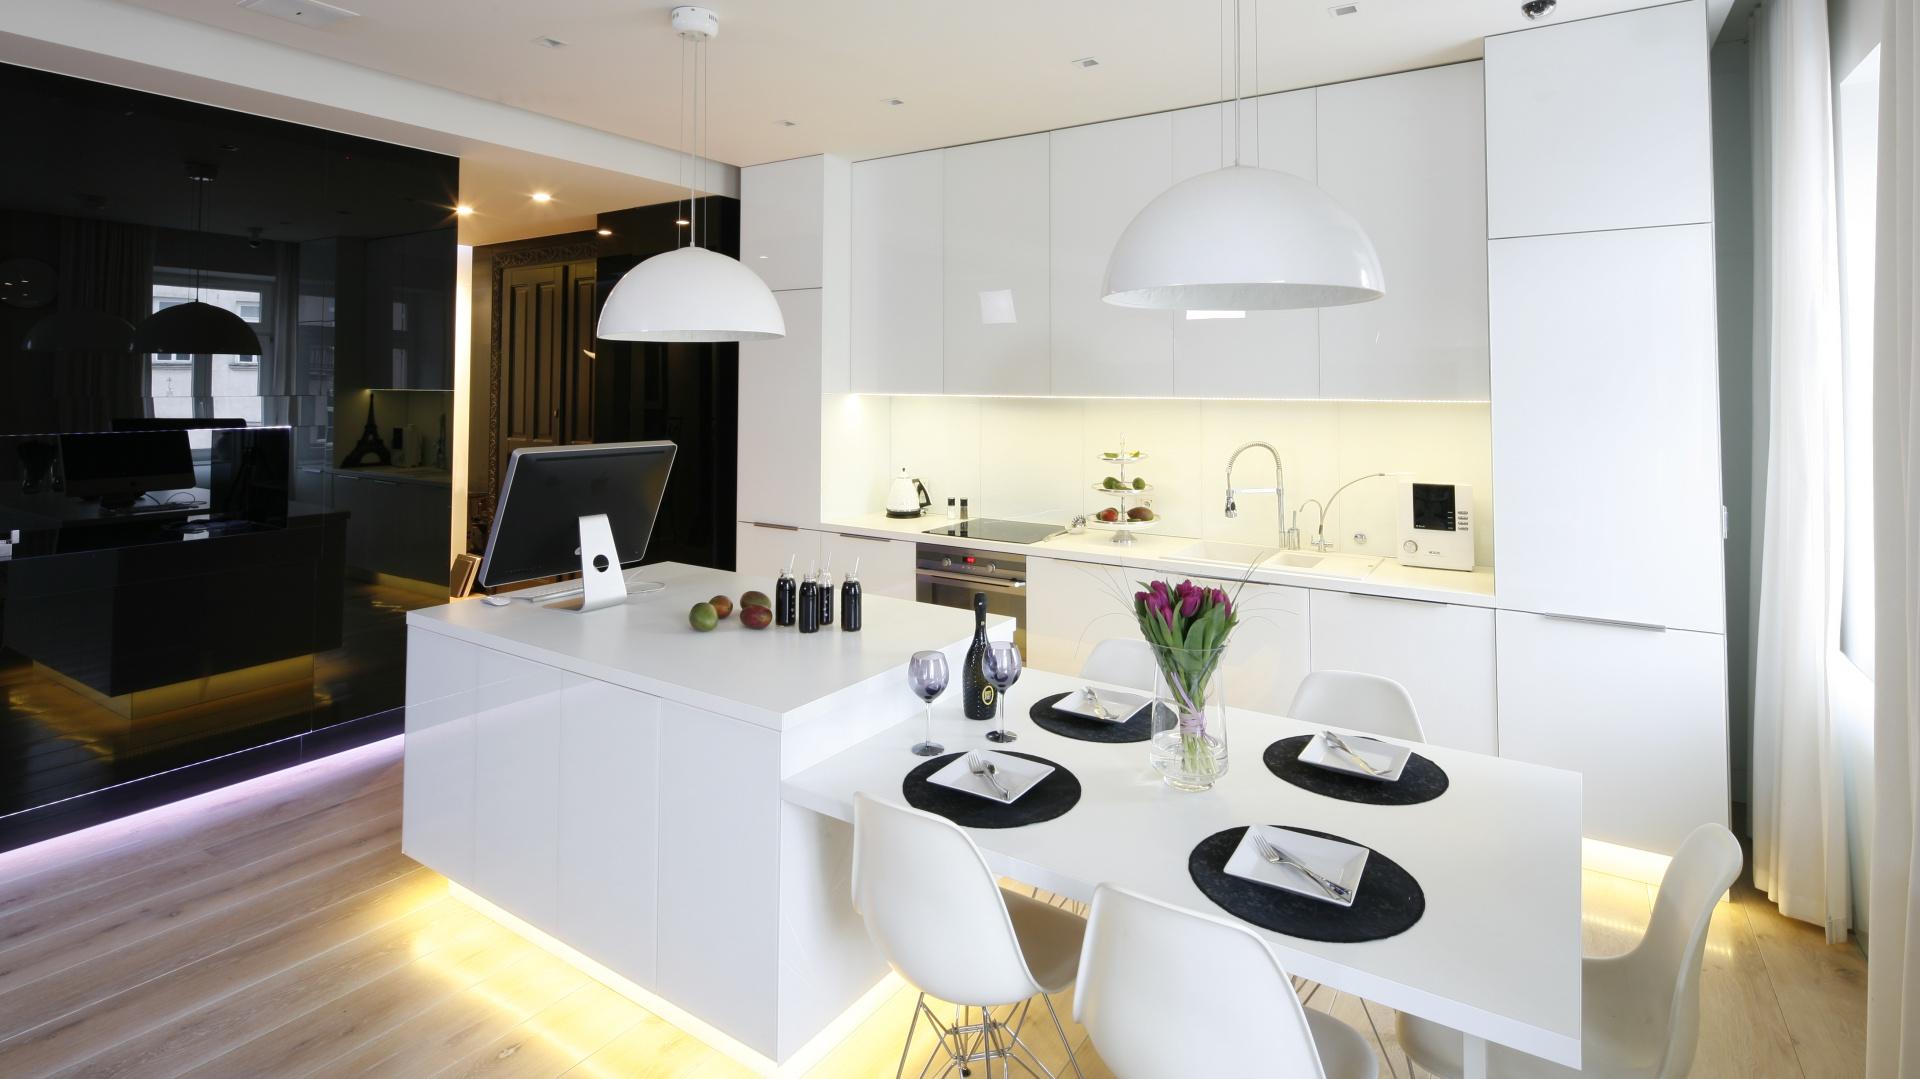 Meble kuchnne ze szklanymi 10 pomysłów na szkło w kuchni -> Kuchnia Z Frontami Szklanymi